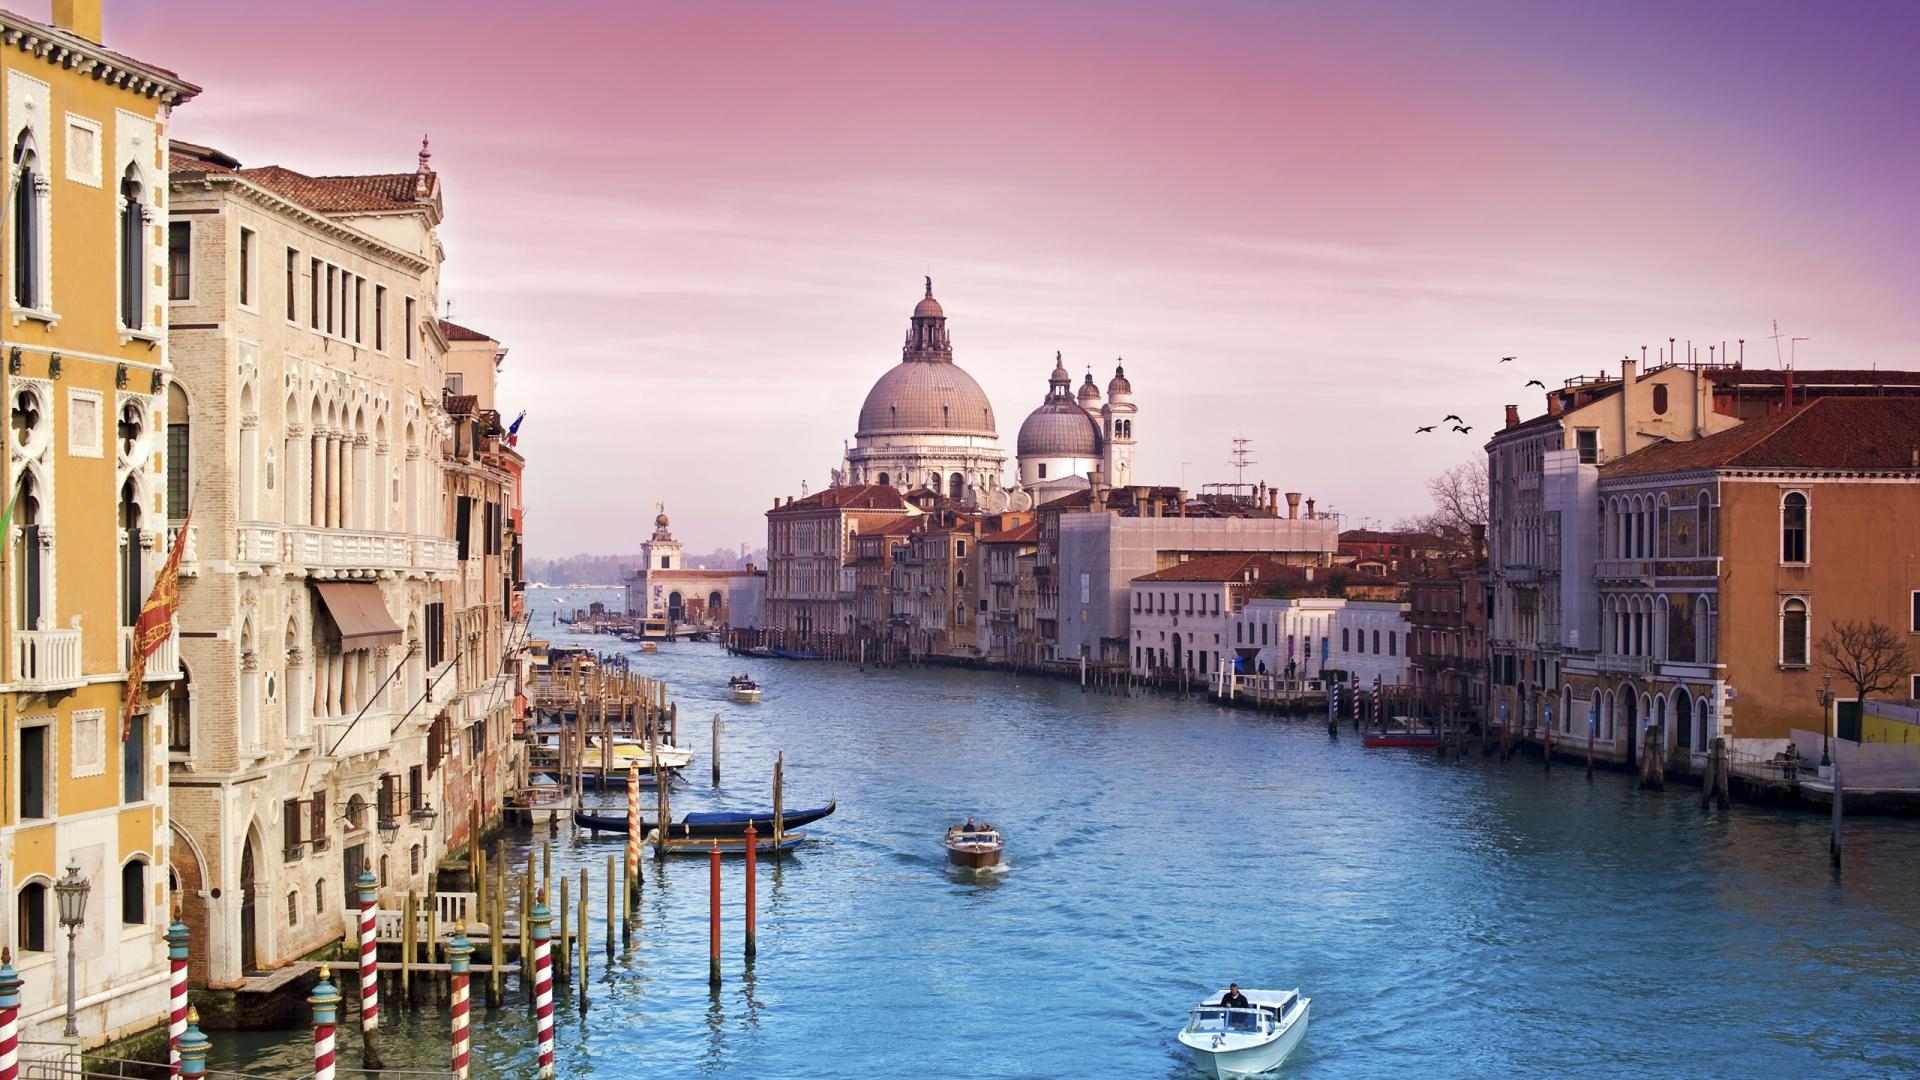 Fotos de Venecia - 1920x1080